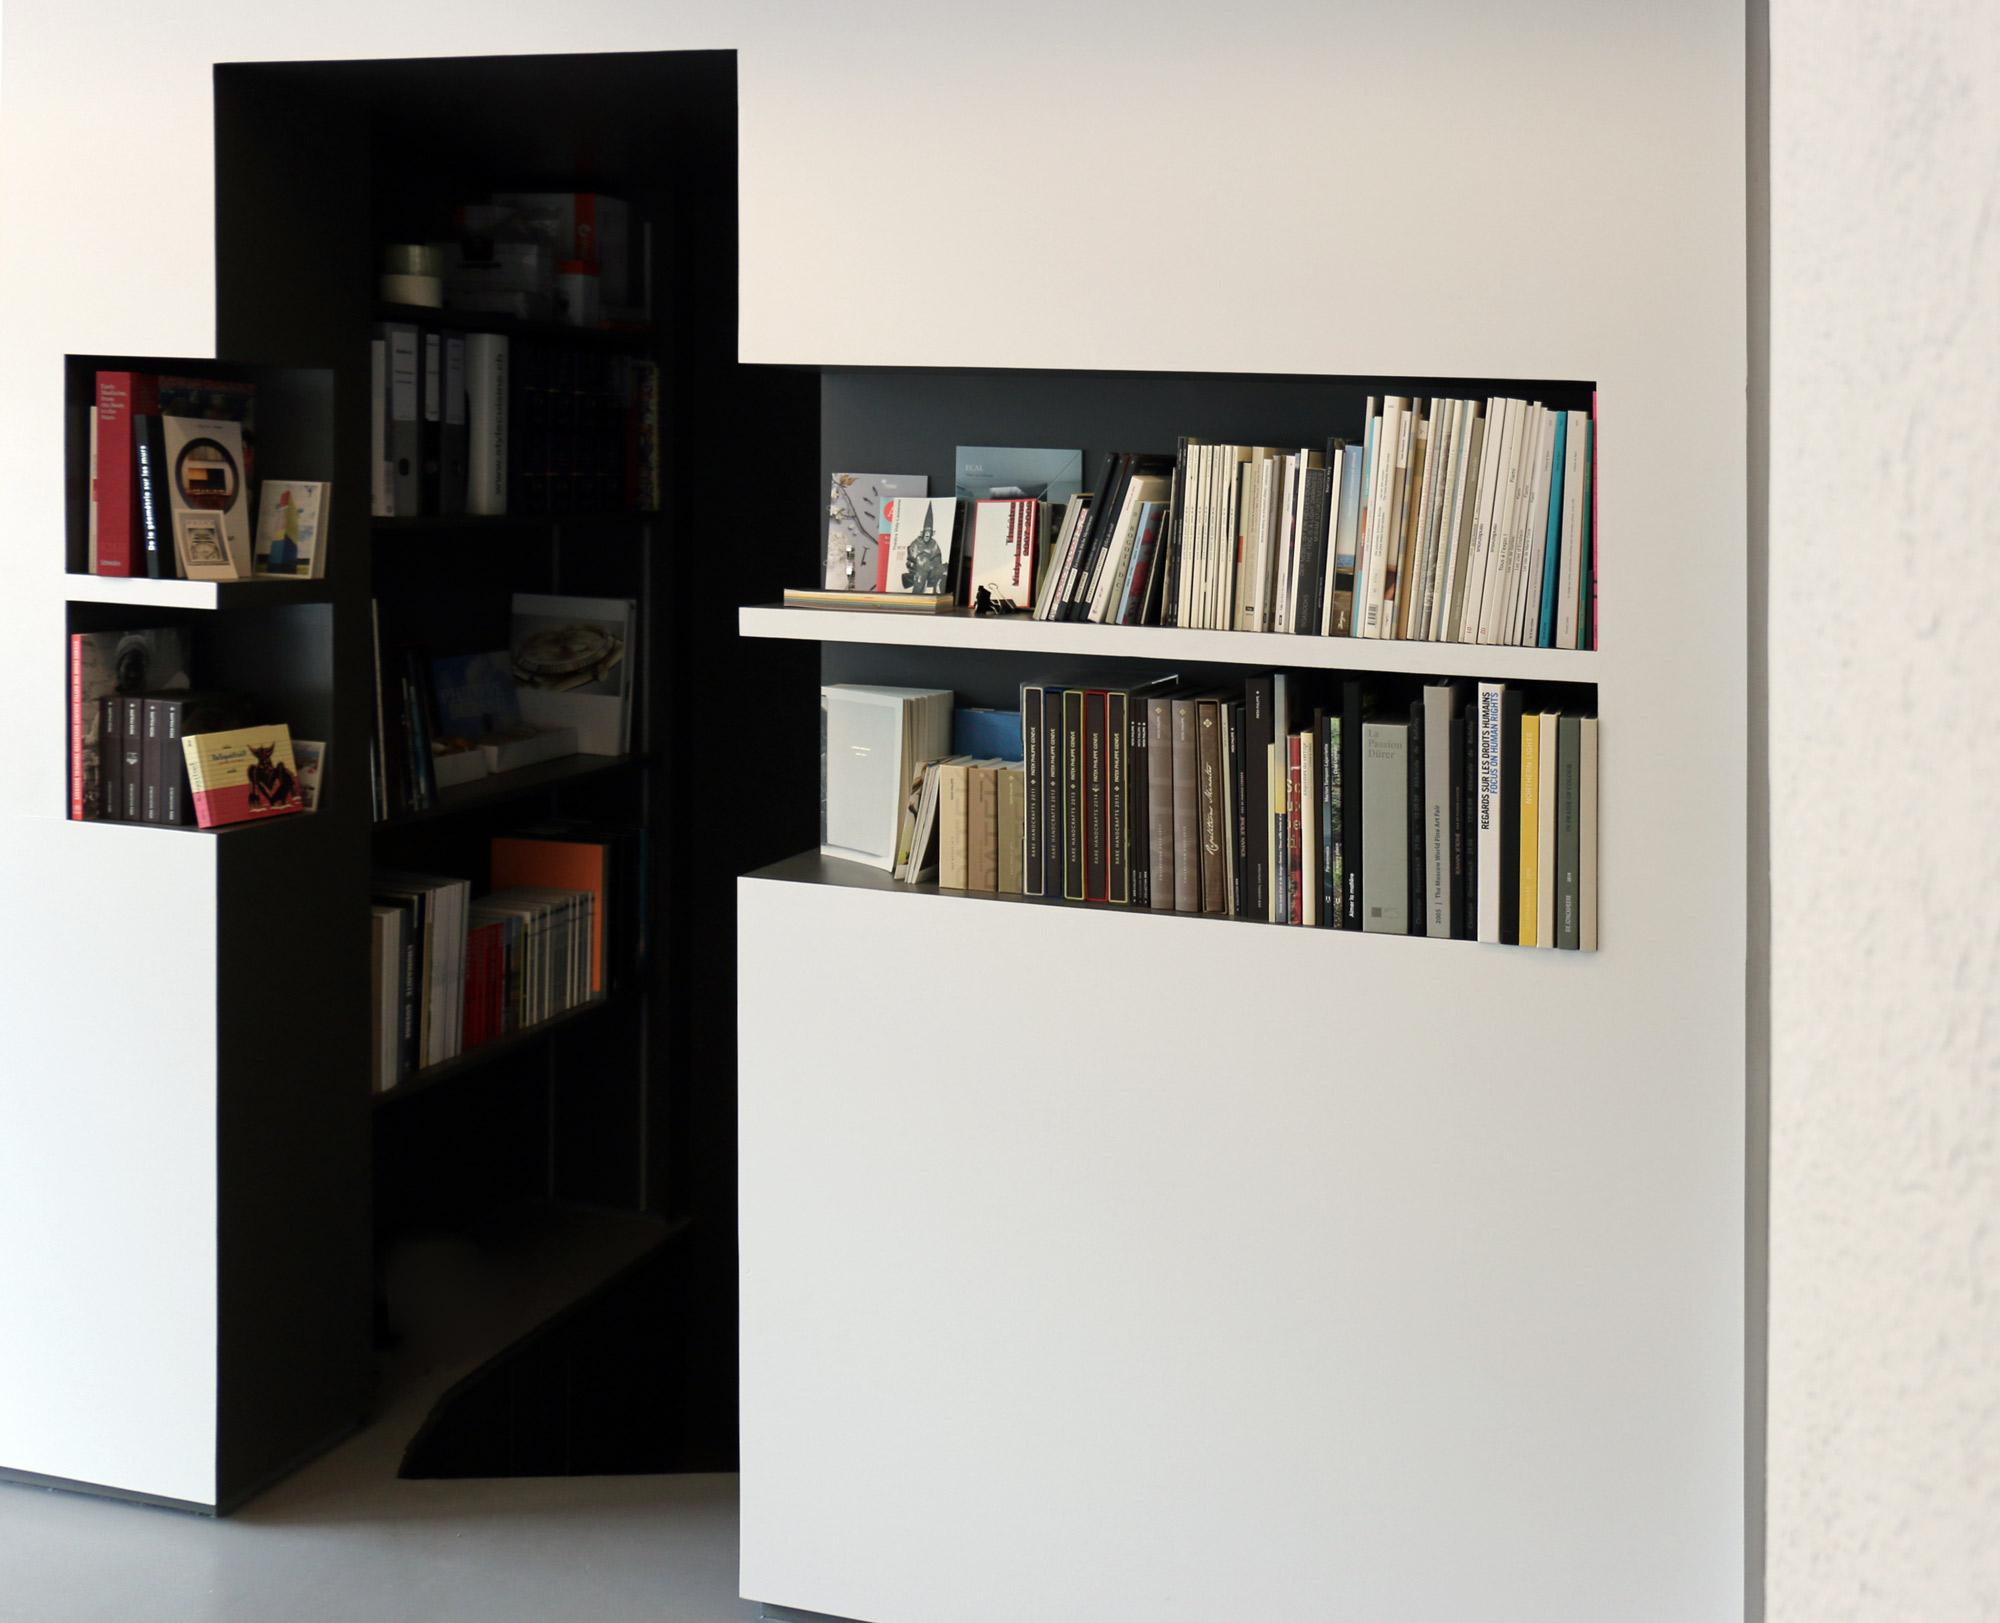 jc-droz-architecture-bombie-004